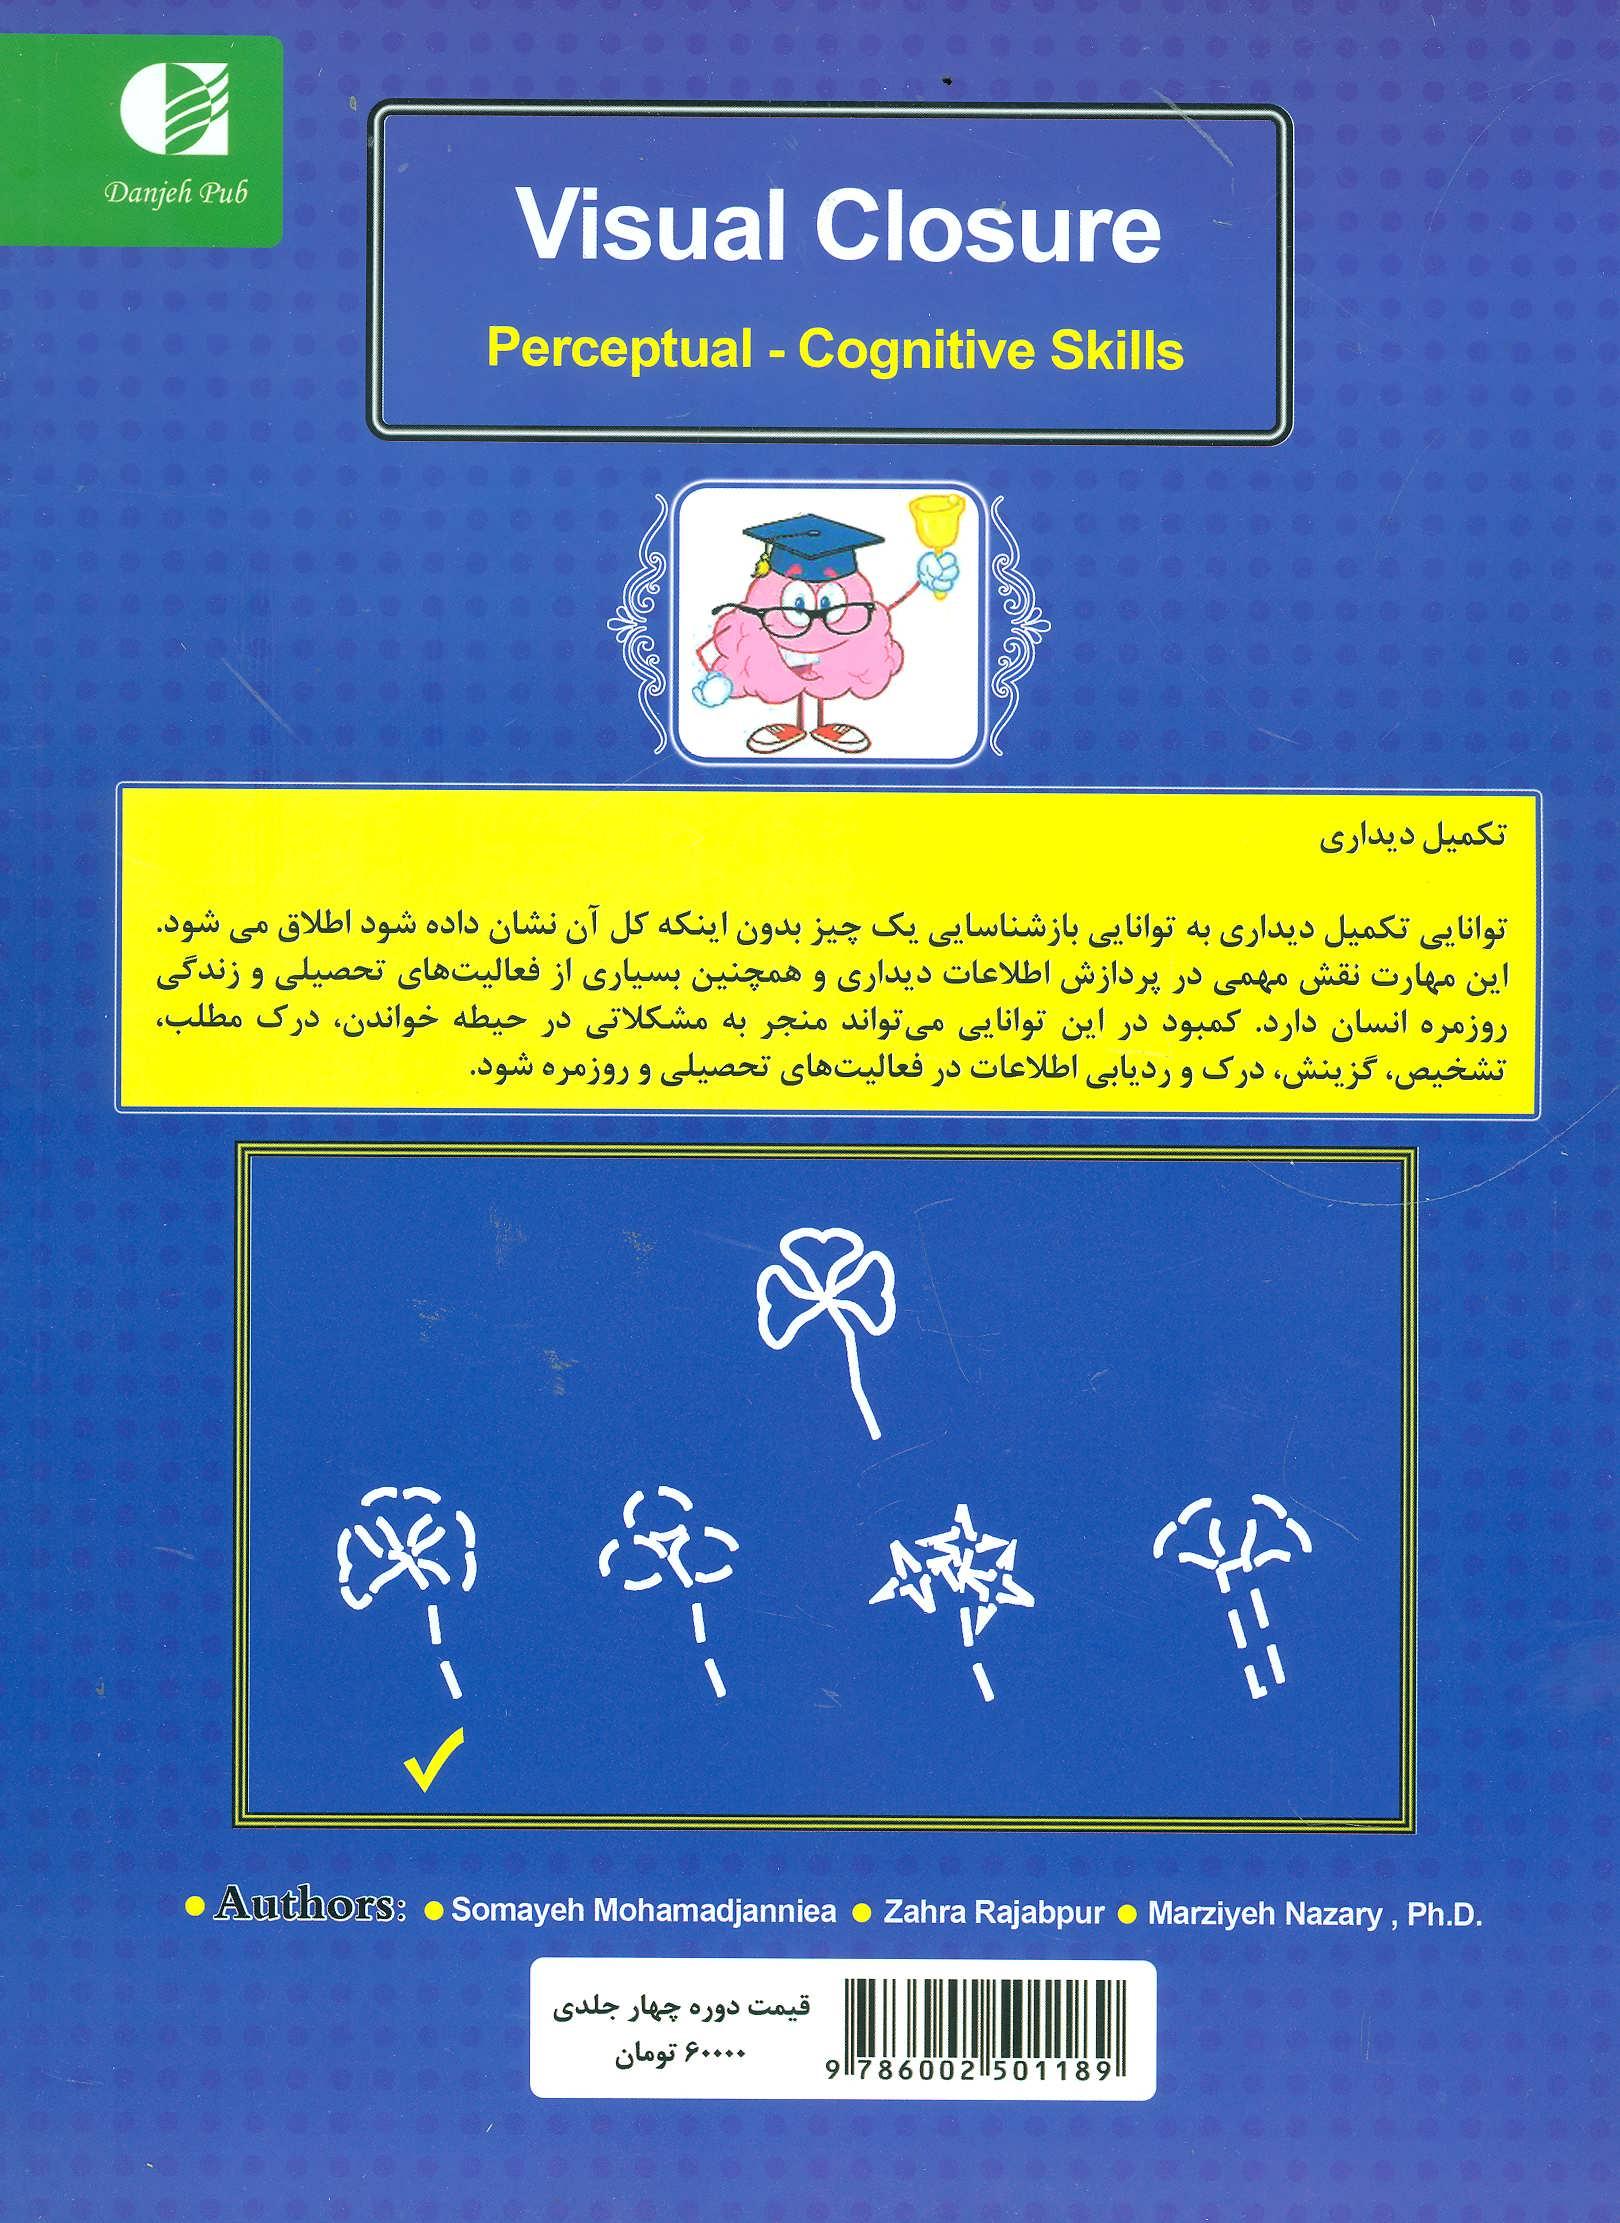 کتاب های زک سان،شاهکار مغز (مجموعه ی پیش دبستانی)،(4جلدی)